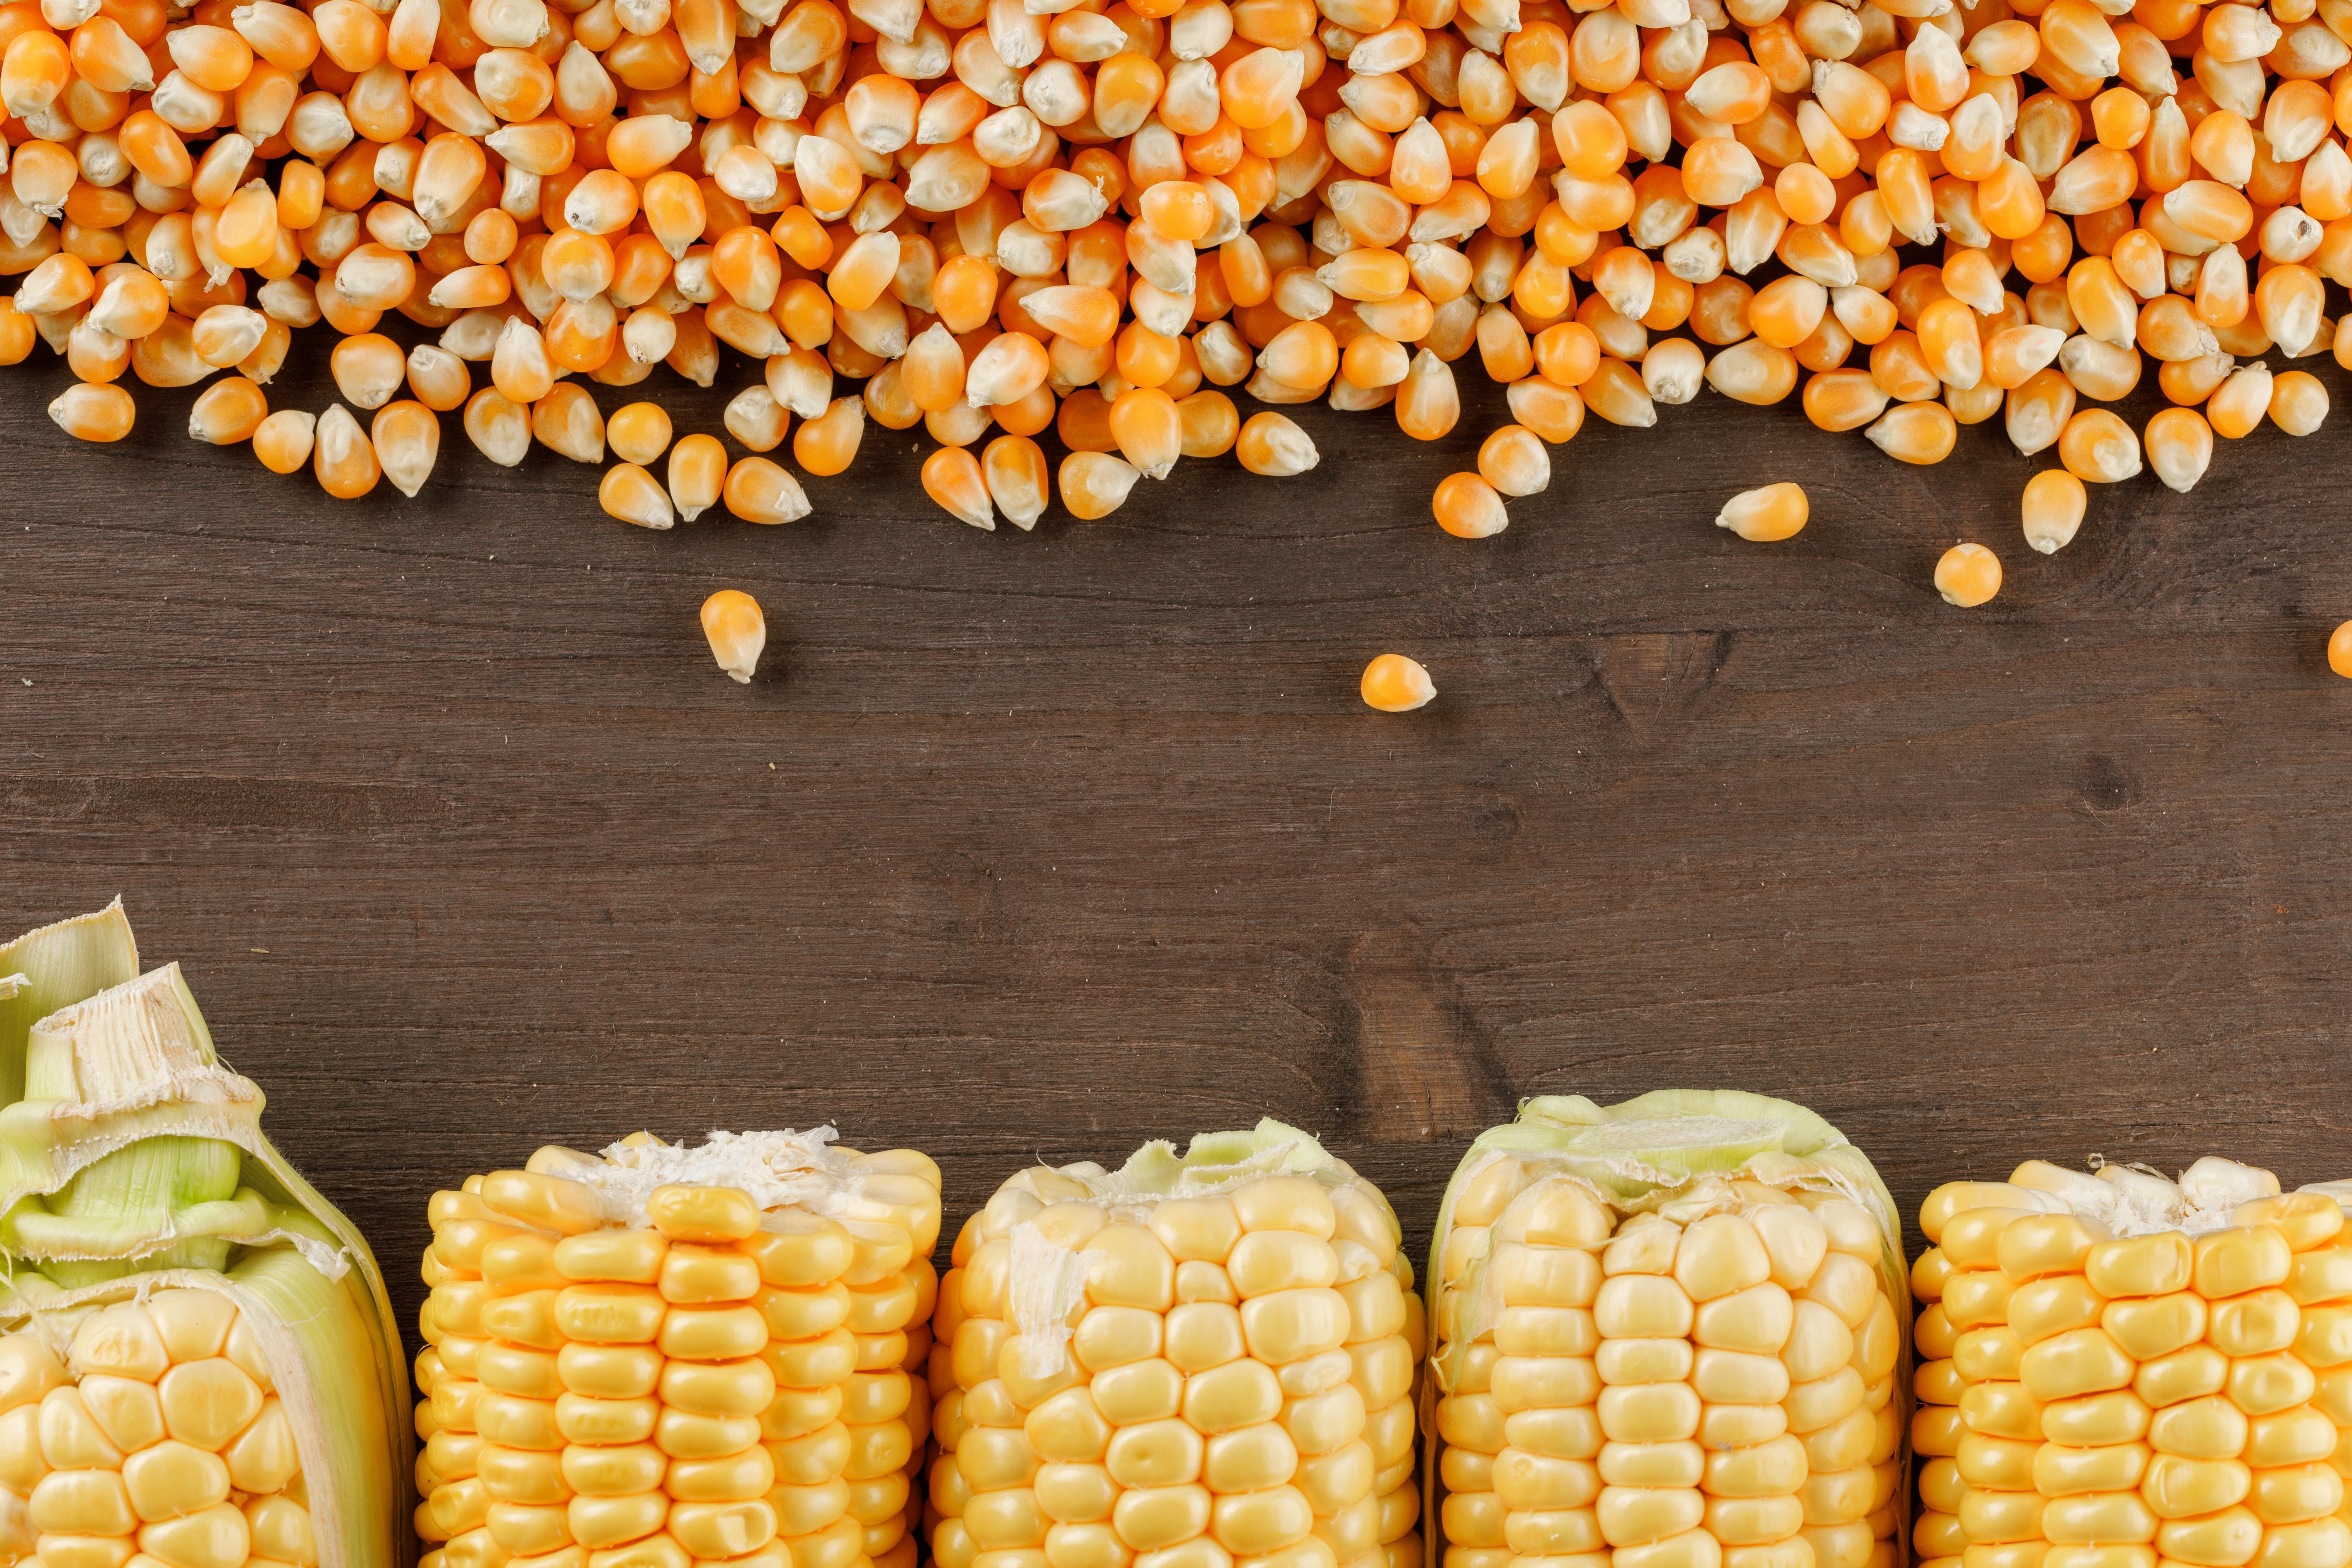 Nueva subida repentina del valor del índice de precios de los alimentos de la FAO en enero